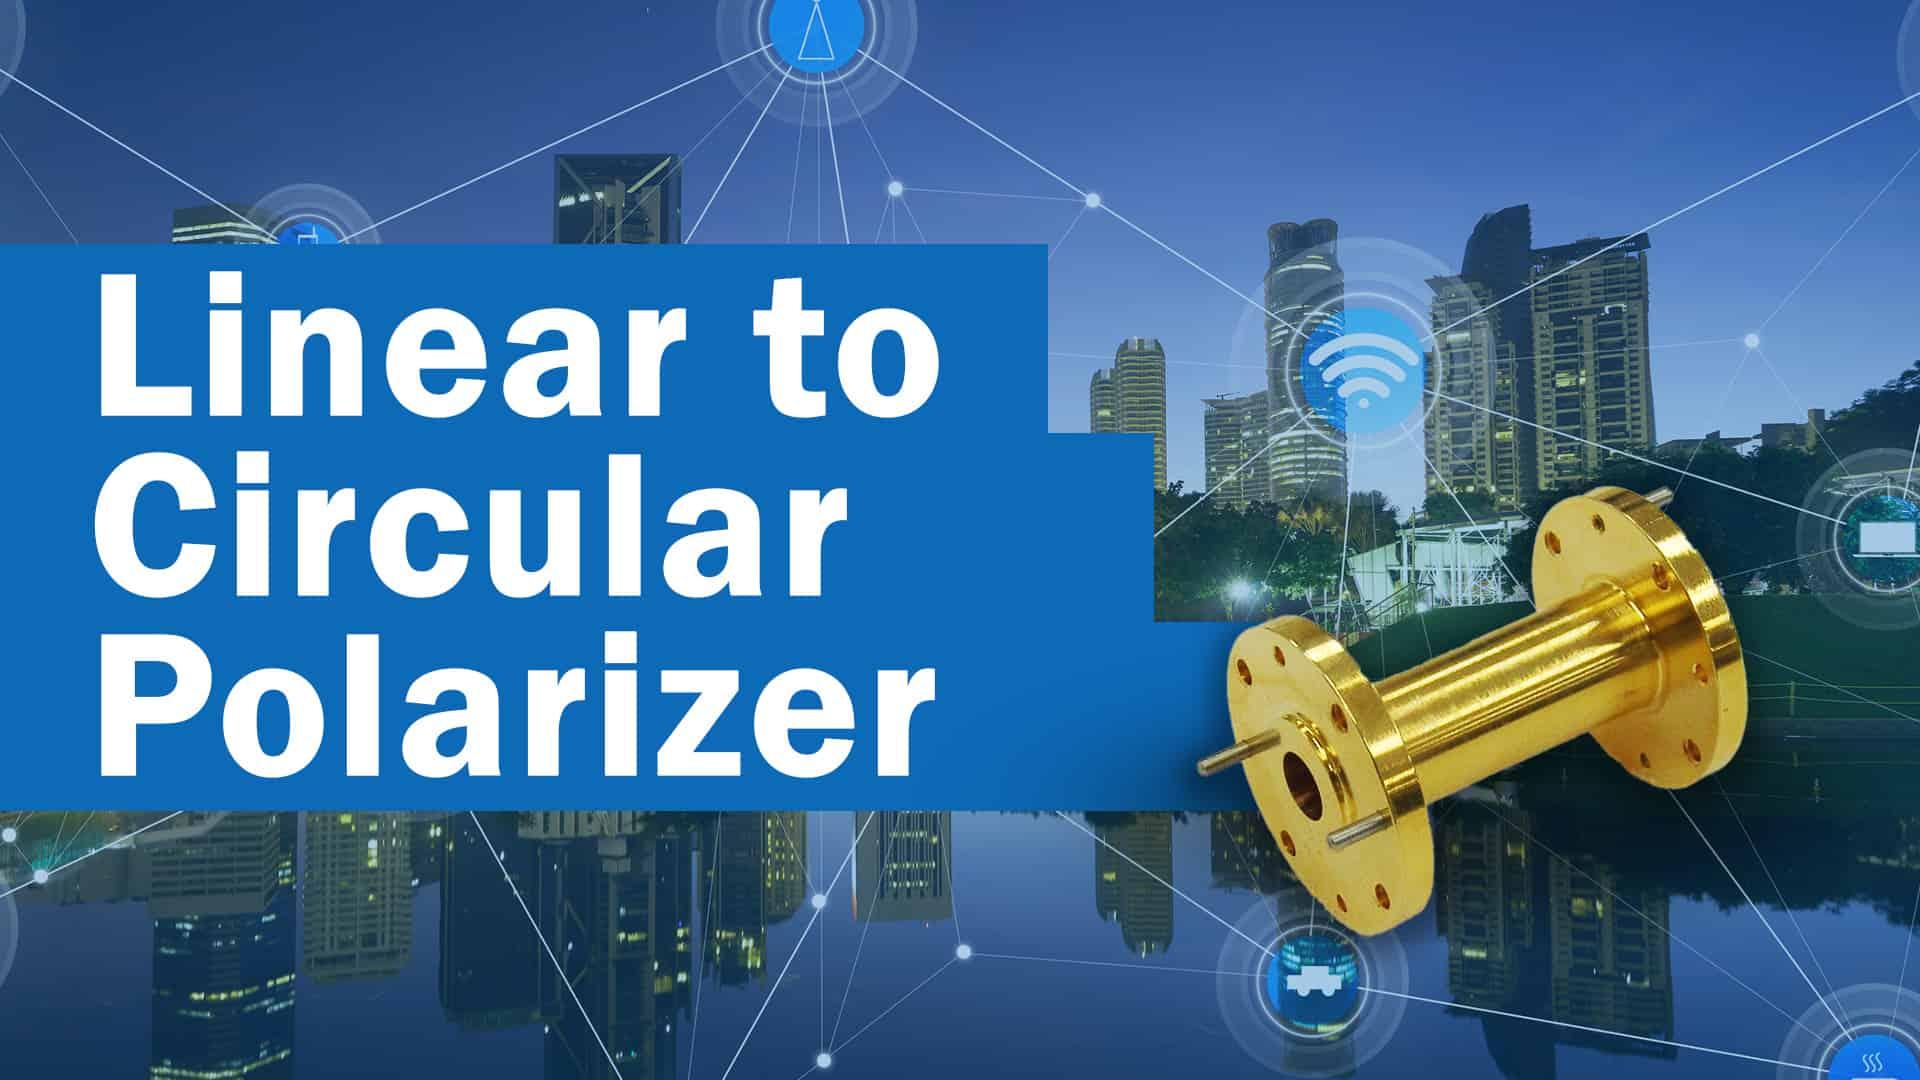 Linear to Circular Polarizer